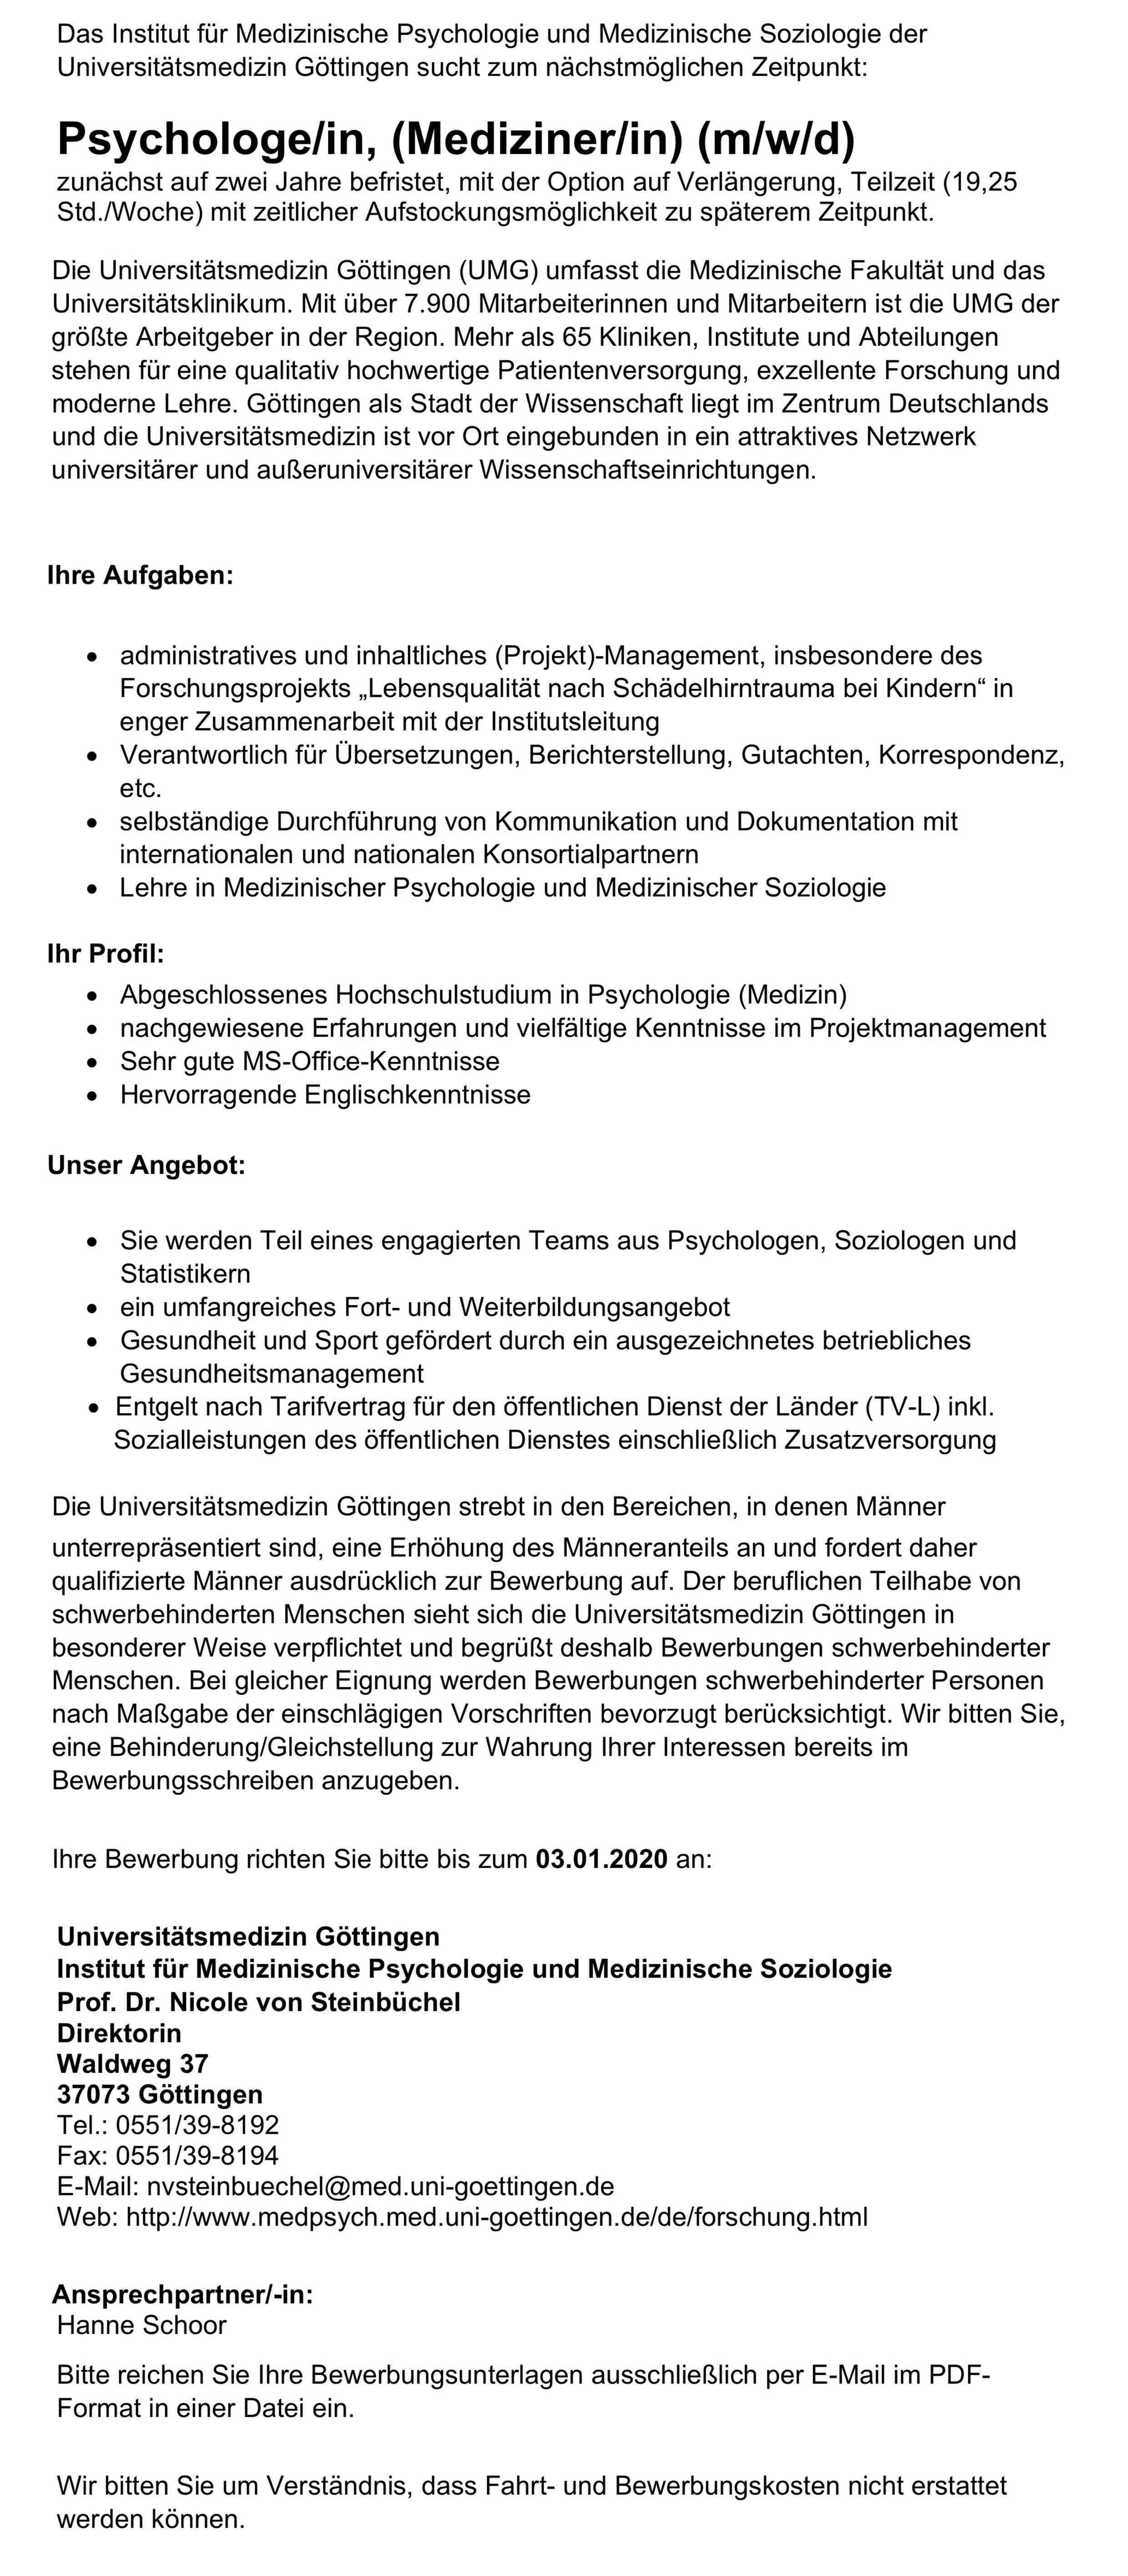 Psychologe/in, (Mediziner/in) (m/w/d)